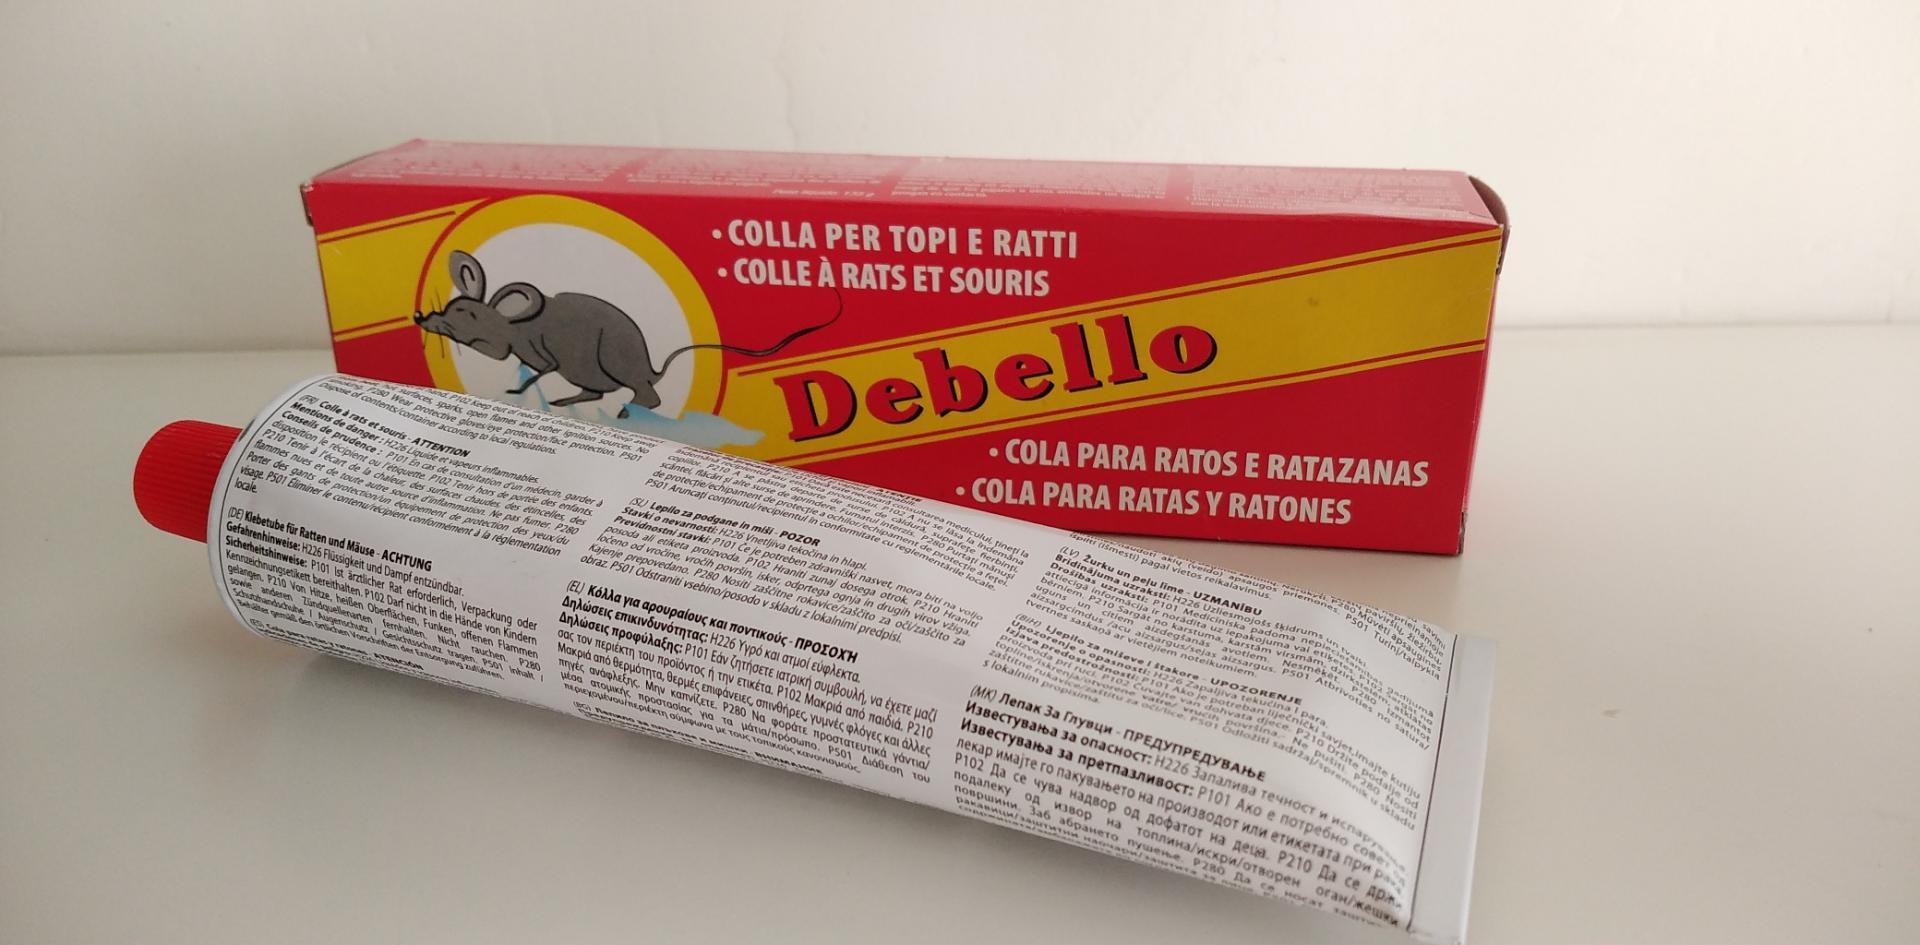 Debello 1